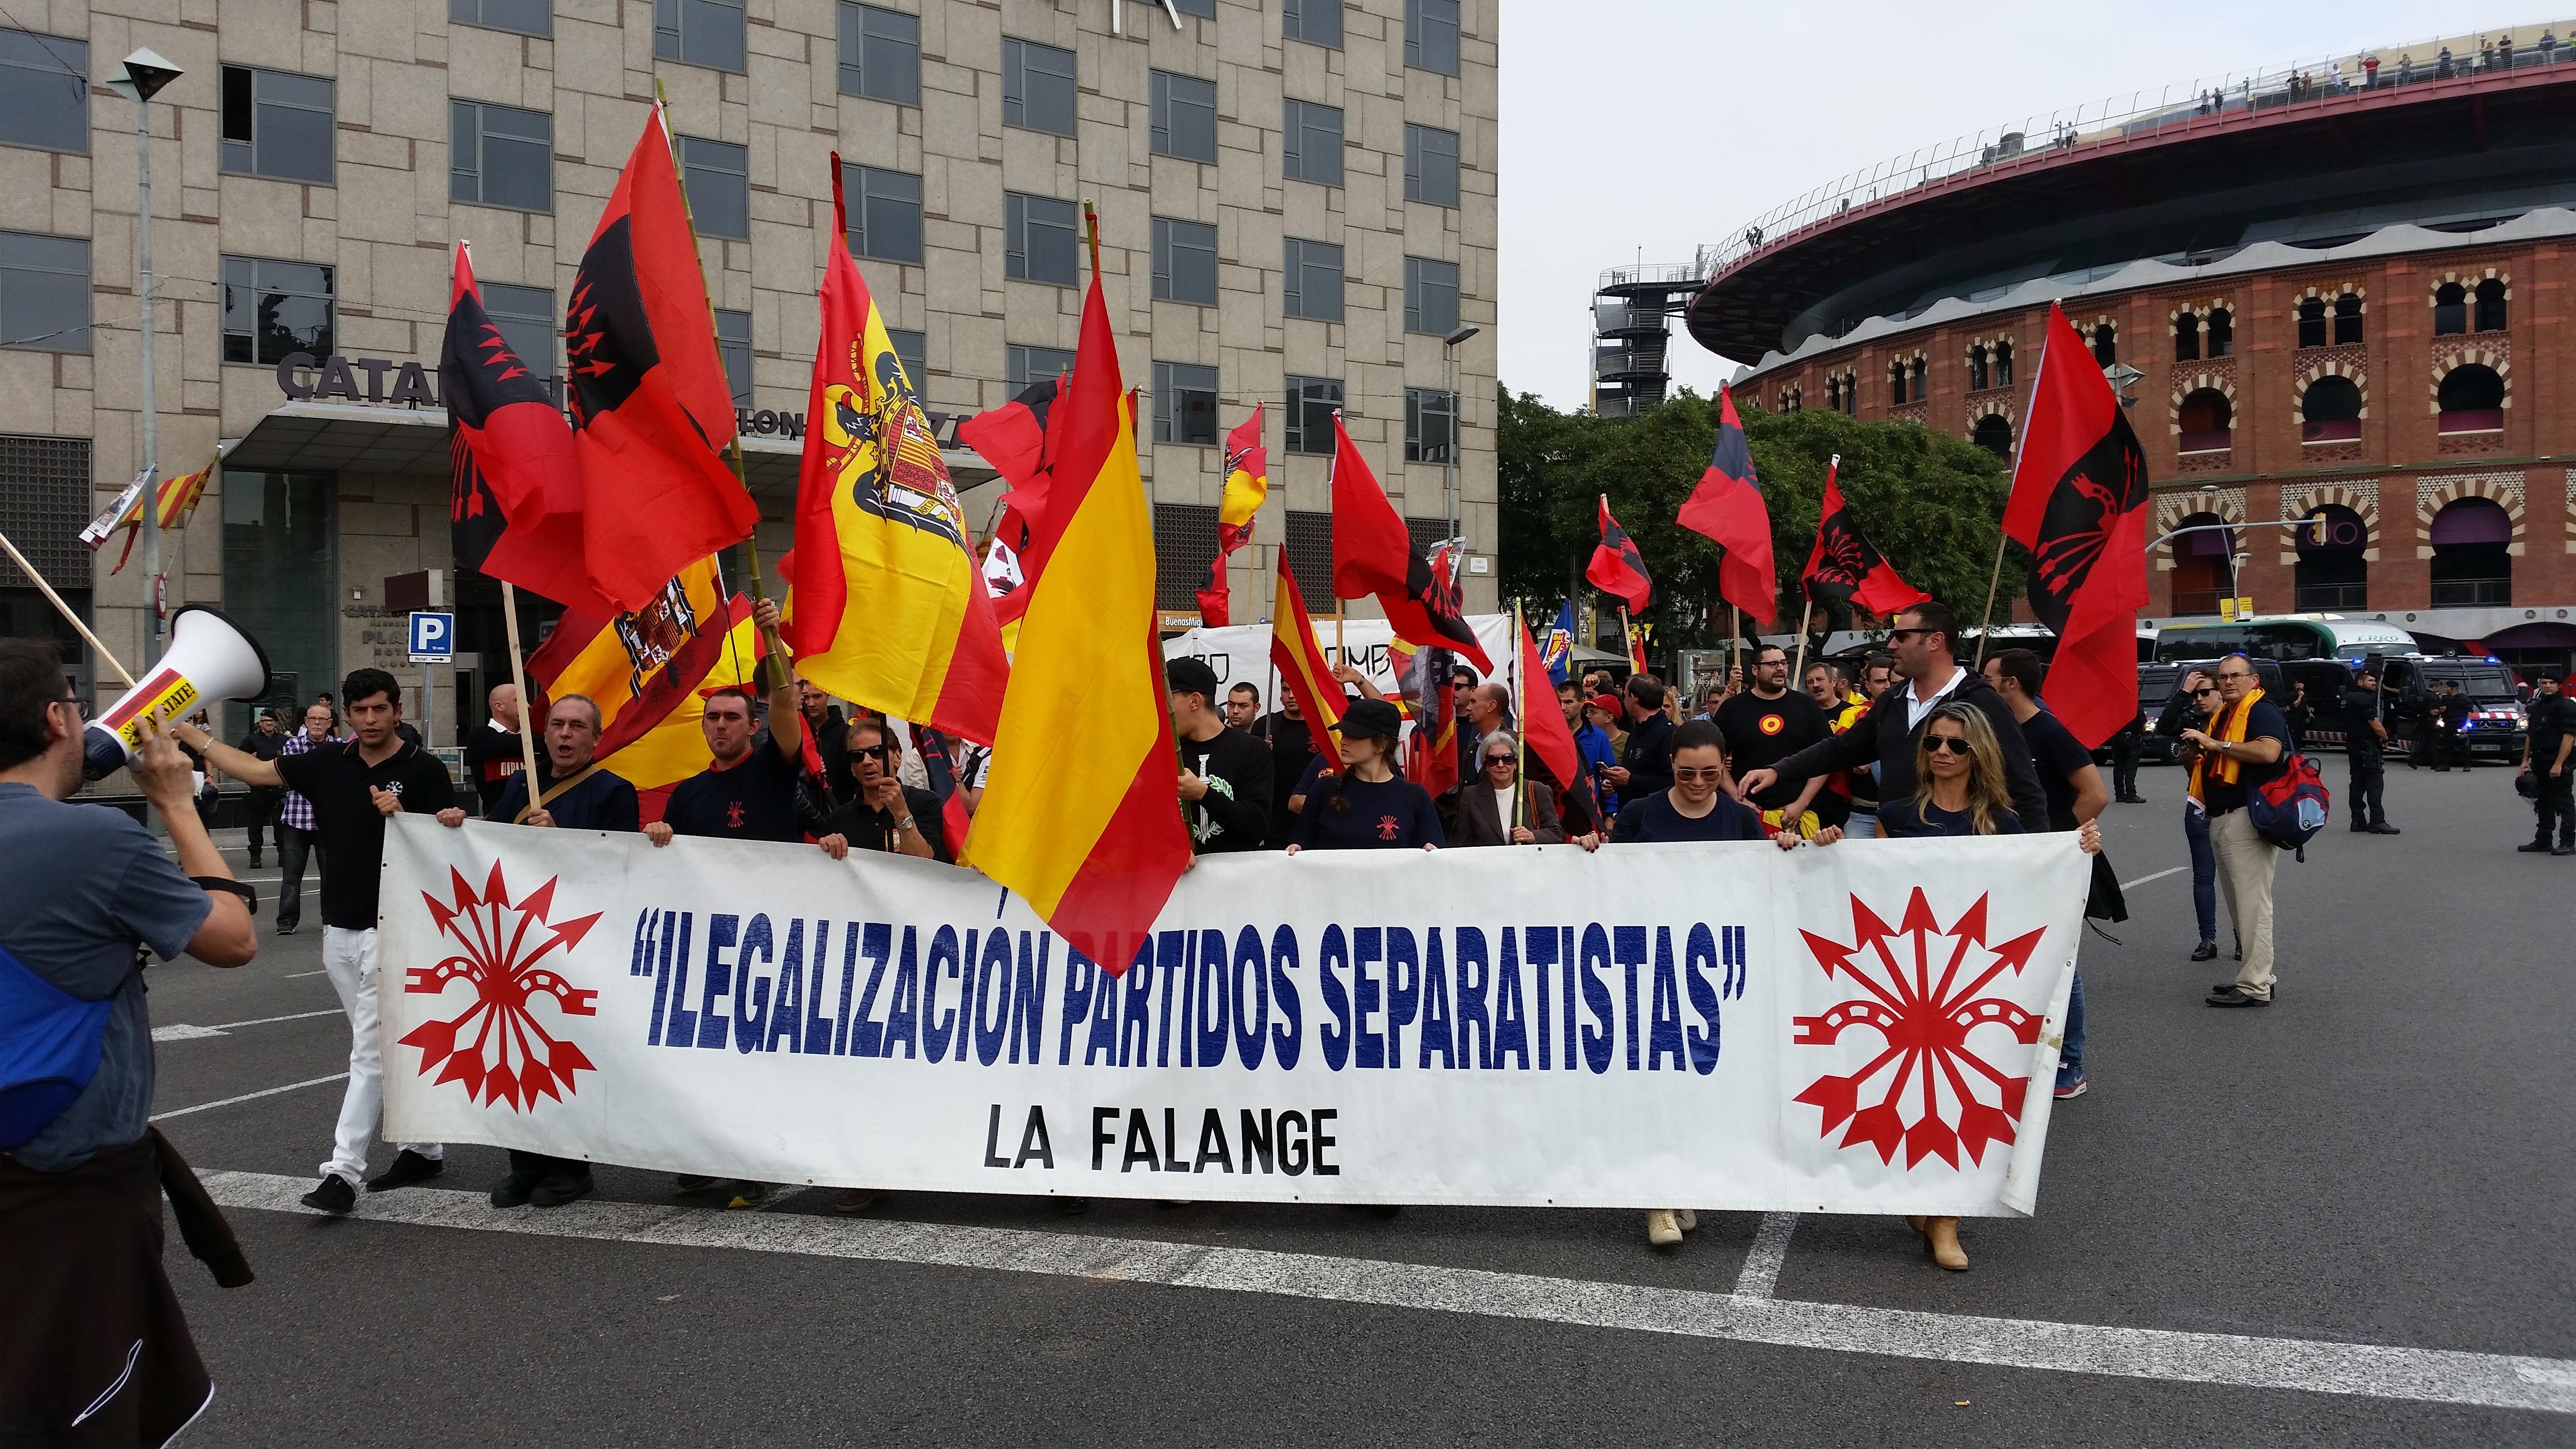 12 de Octubre en Barcelona. Ante el separatismo, España se defiende (vídeo)